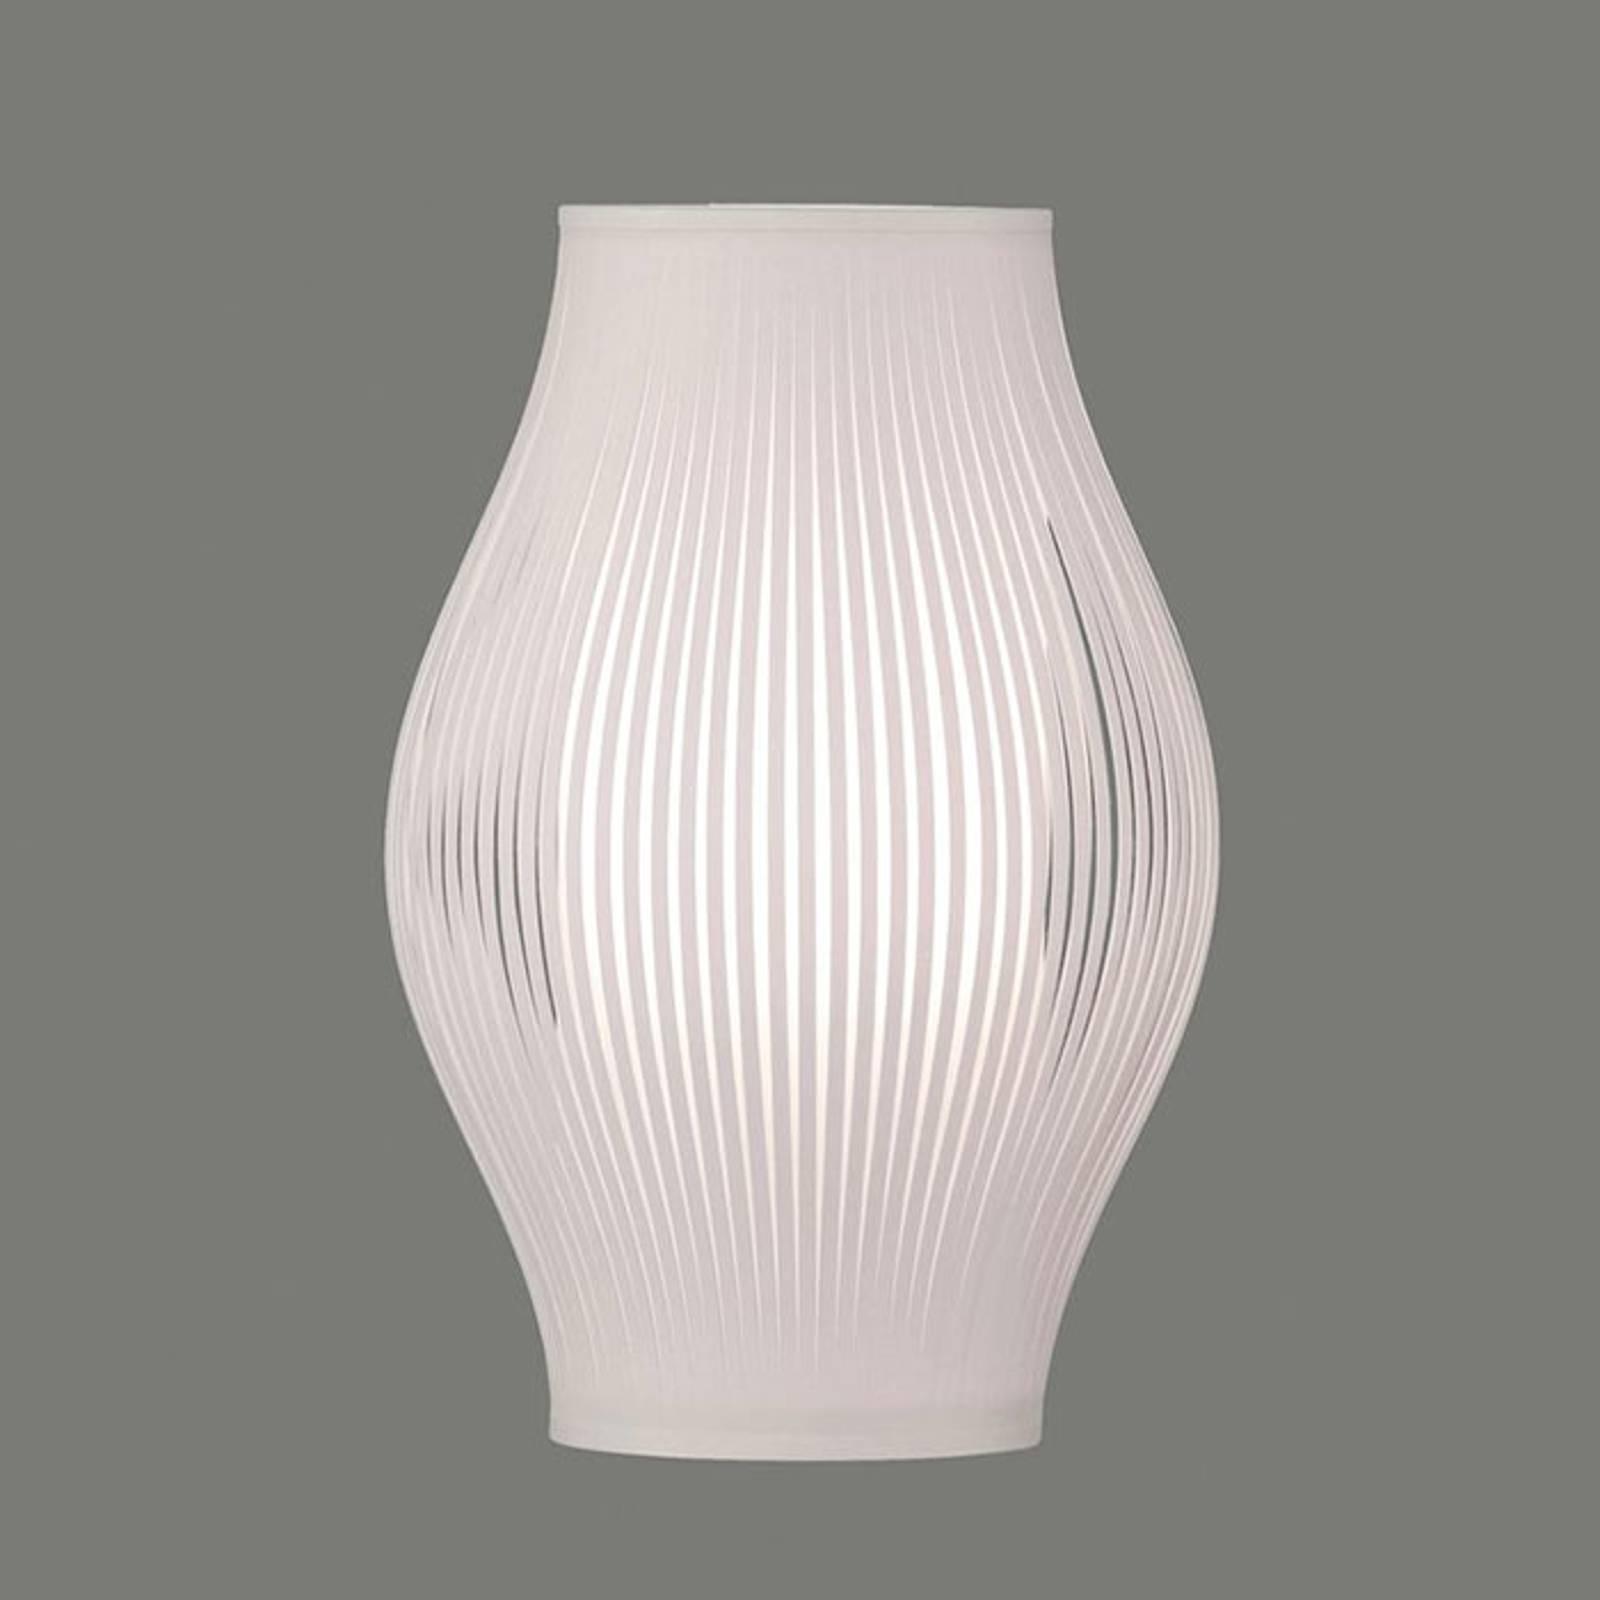 Bilde av Bordlampe Murta, 36 Cm, Hvit